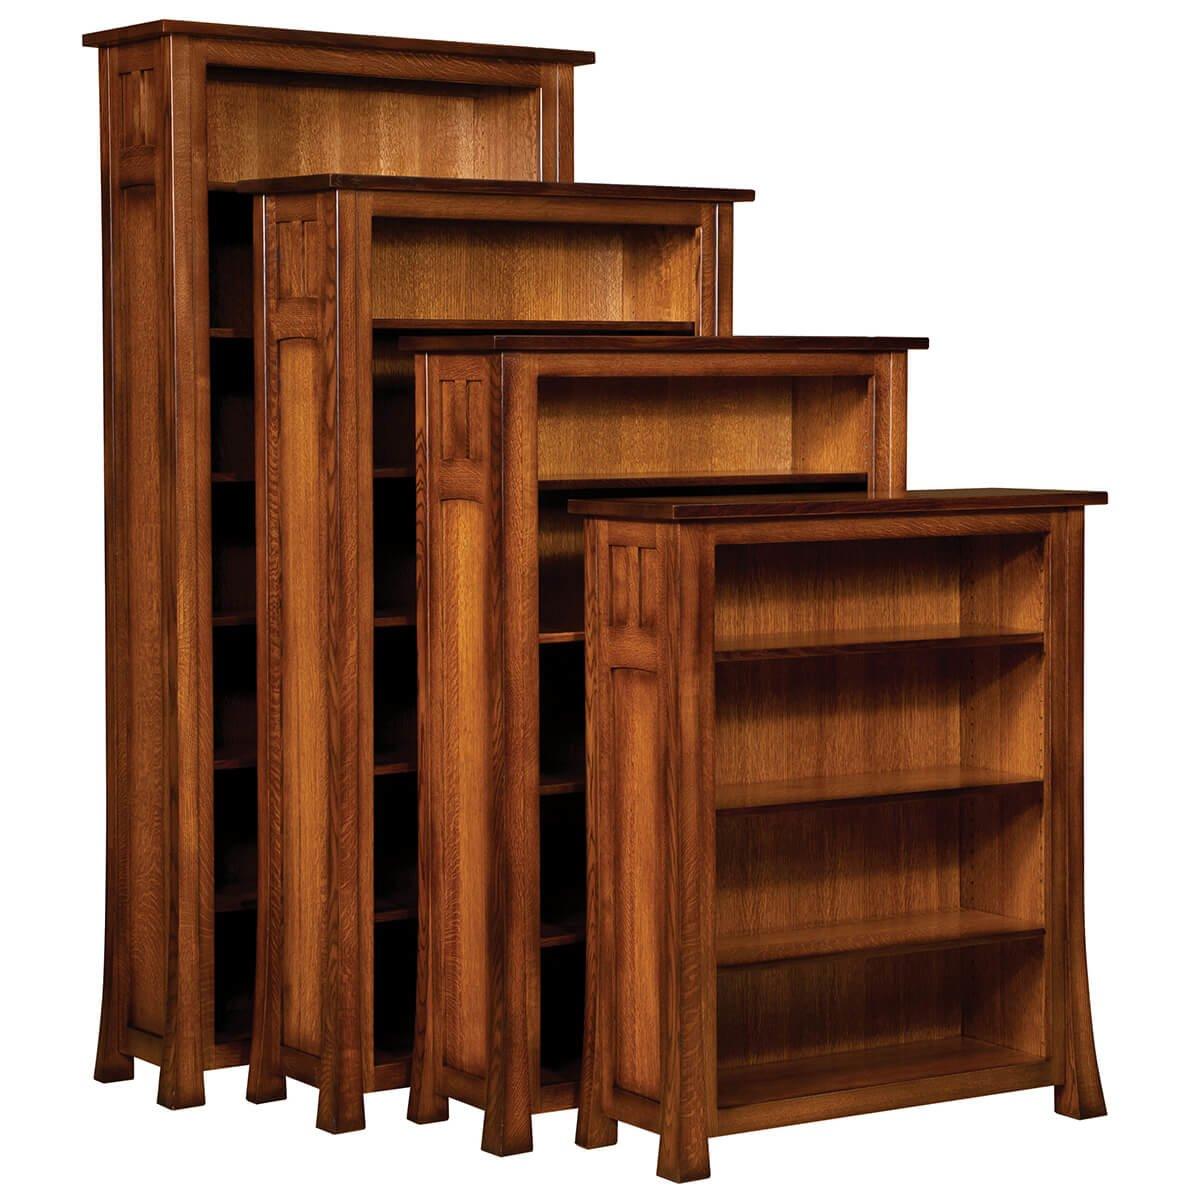 marvellous solid oak living room furniture | Living Room Furniture | Solid Wood | Bernhaus Furniture ...